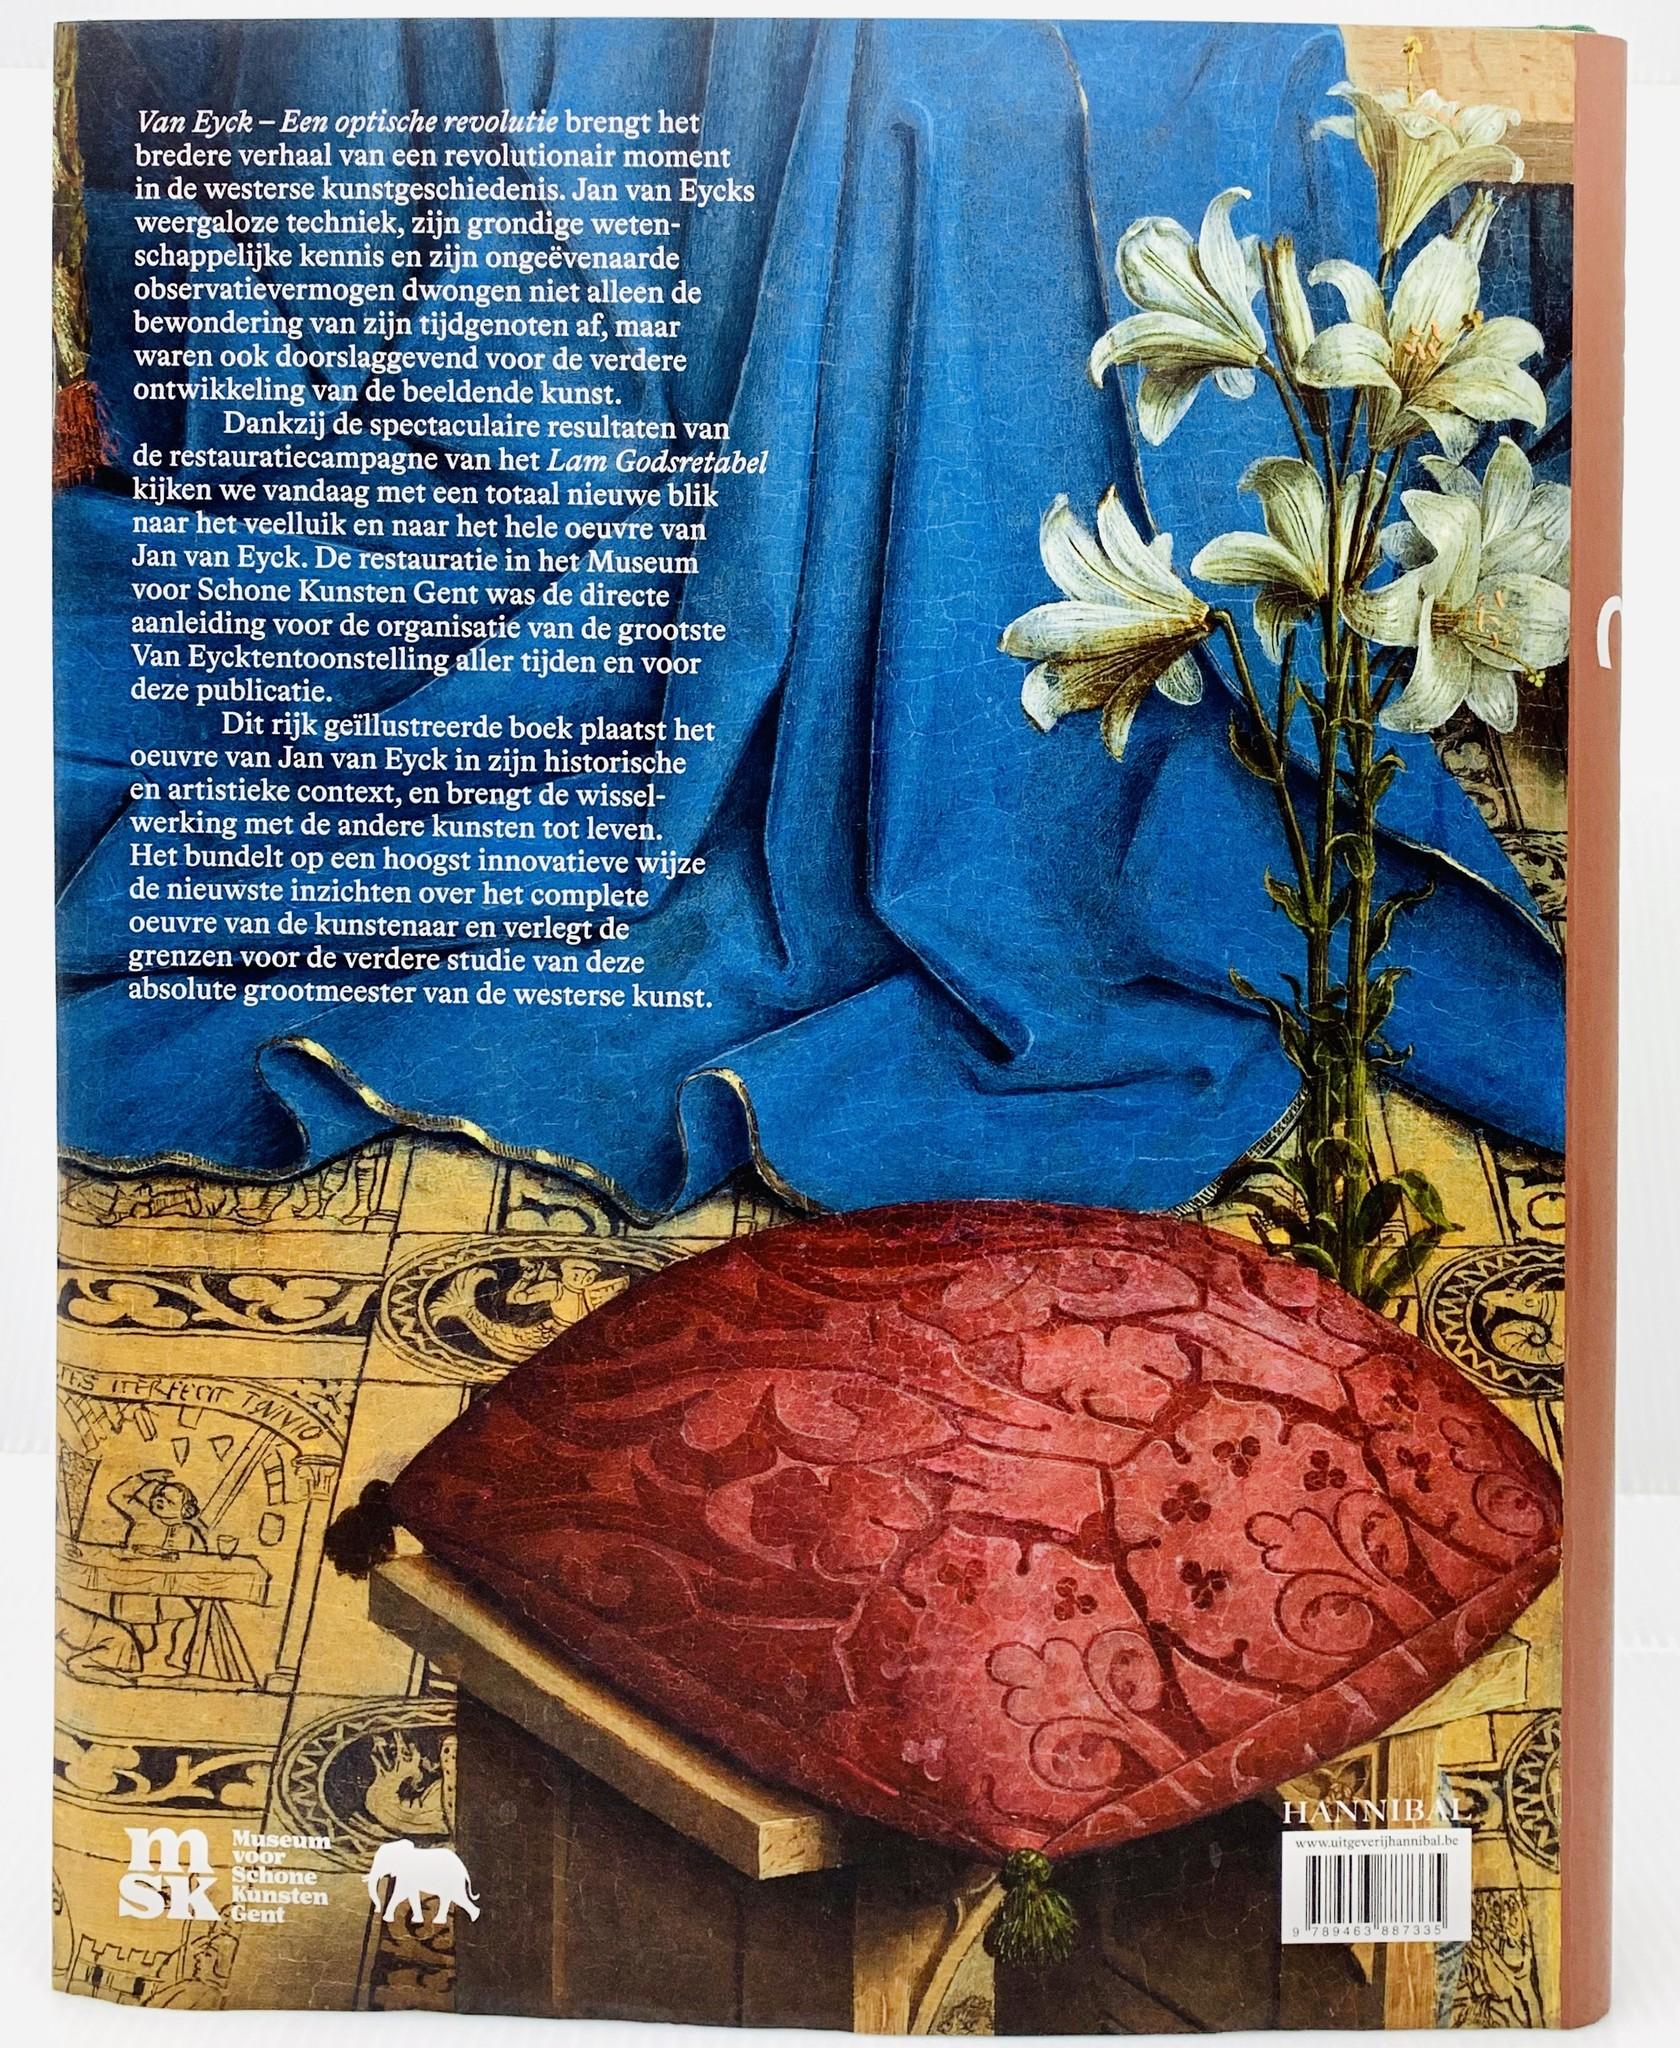 MSK Catalogus 'Van Eyck - Een optische revolutie' Nederlands